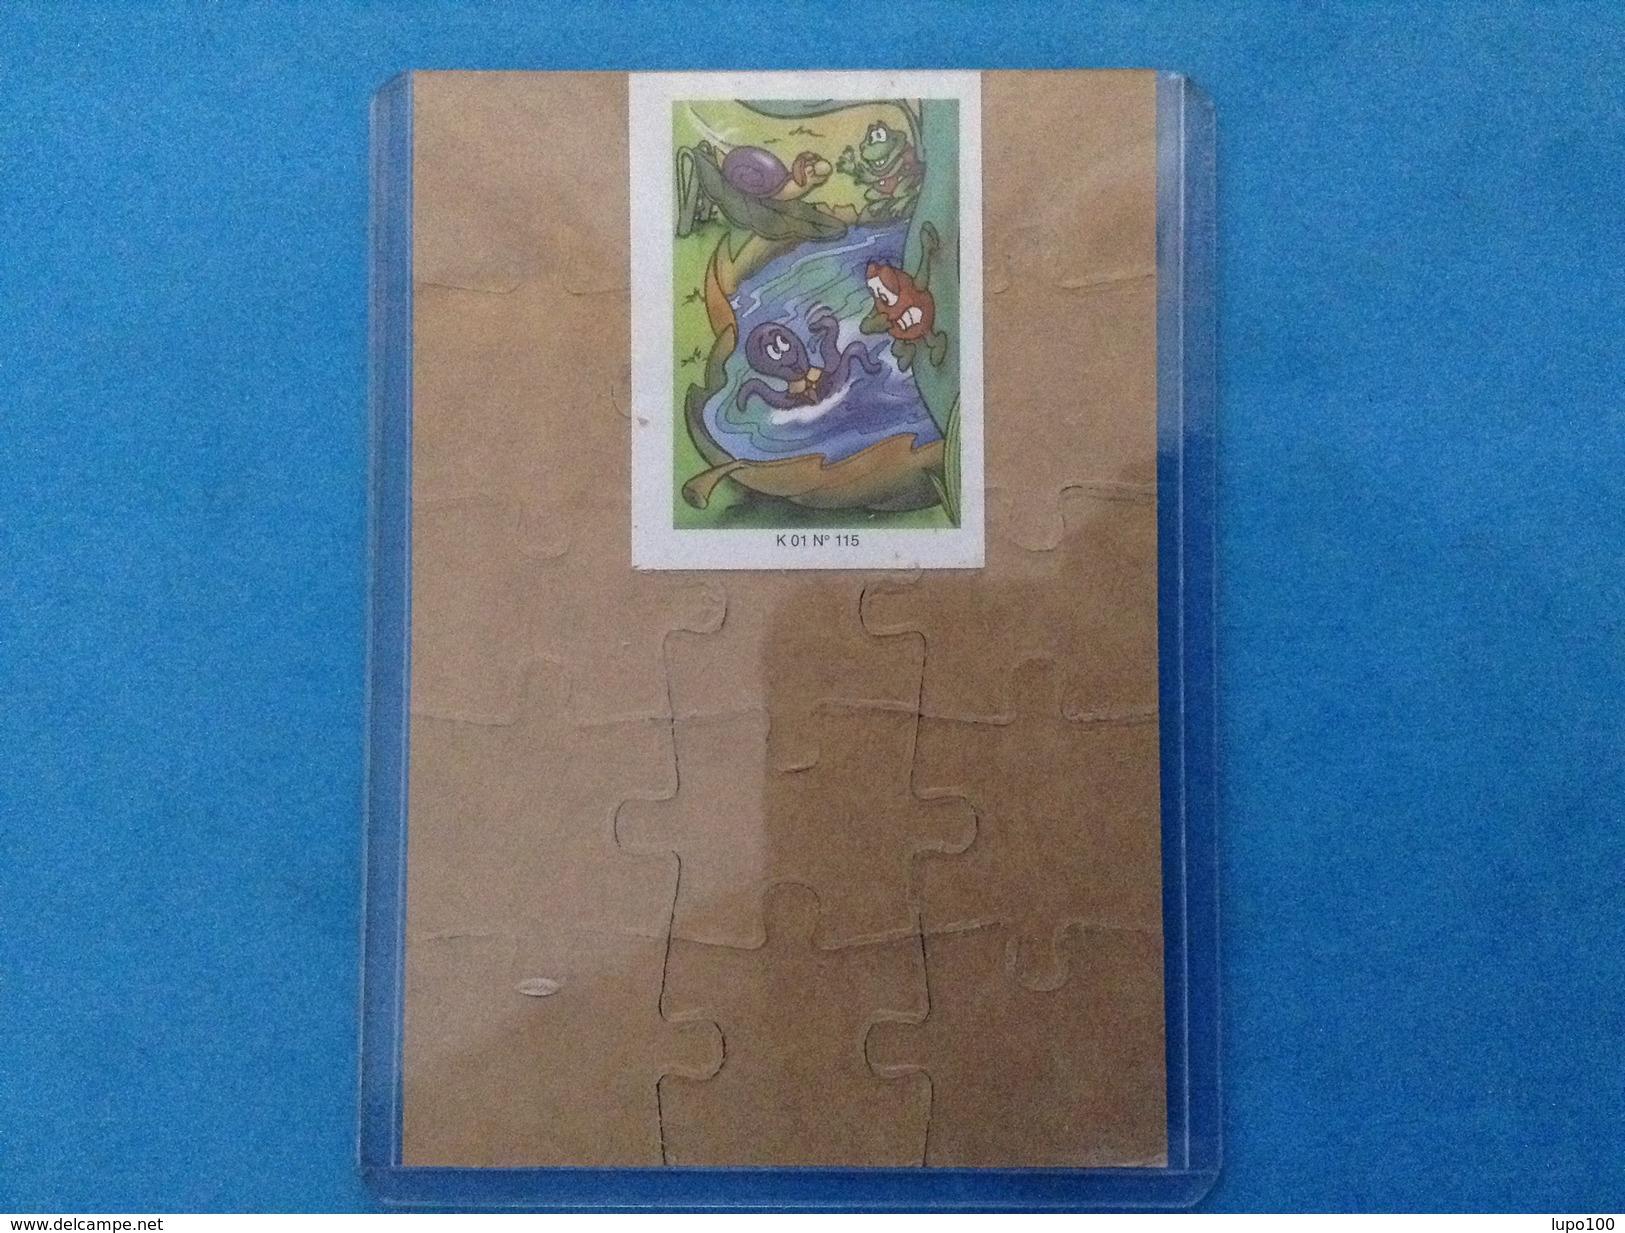 FERRERO PUZZLE K01 N 115 + Cartina - Puzzles